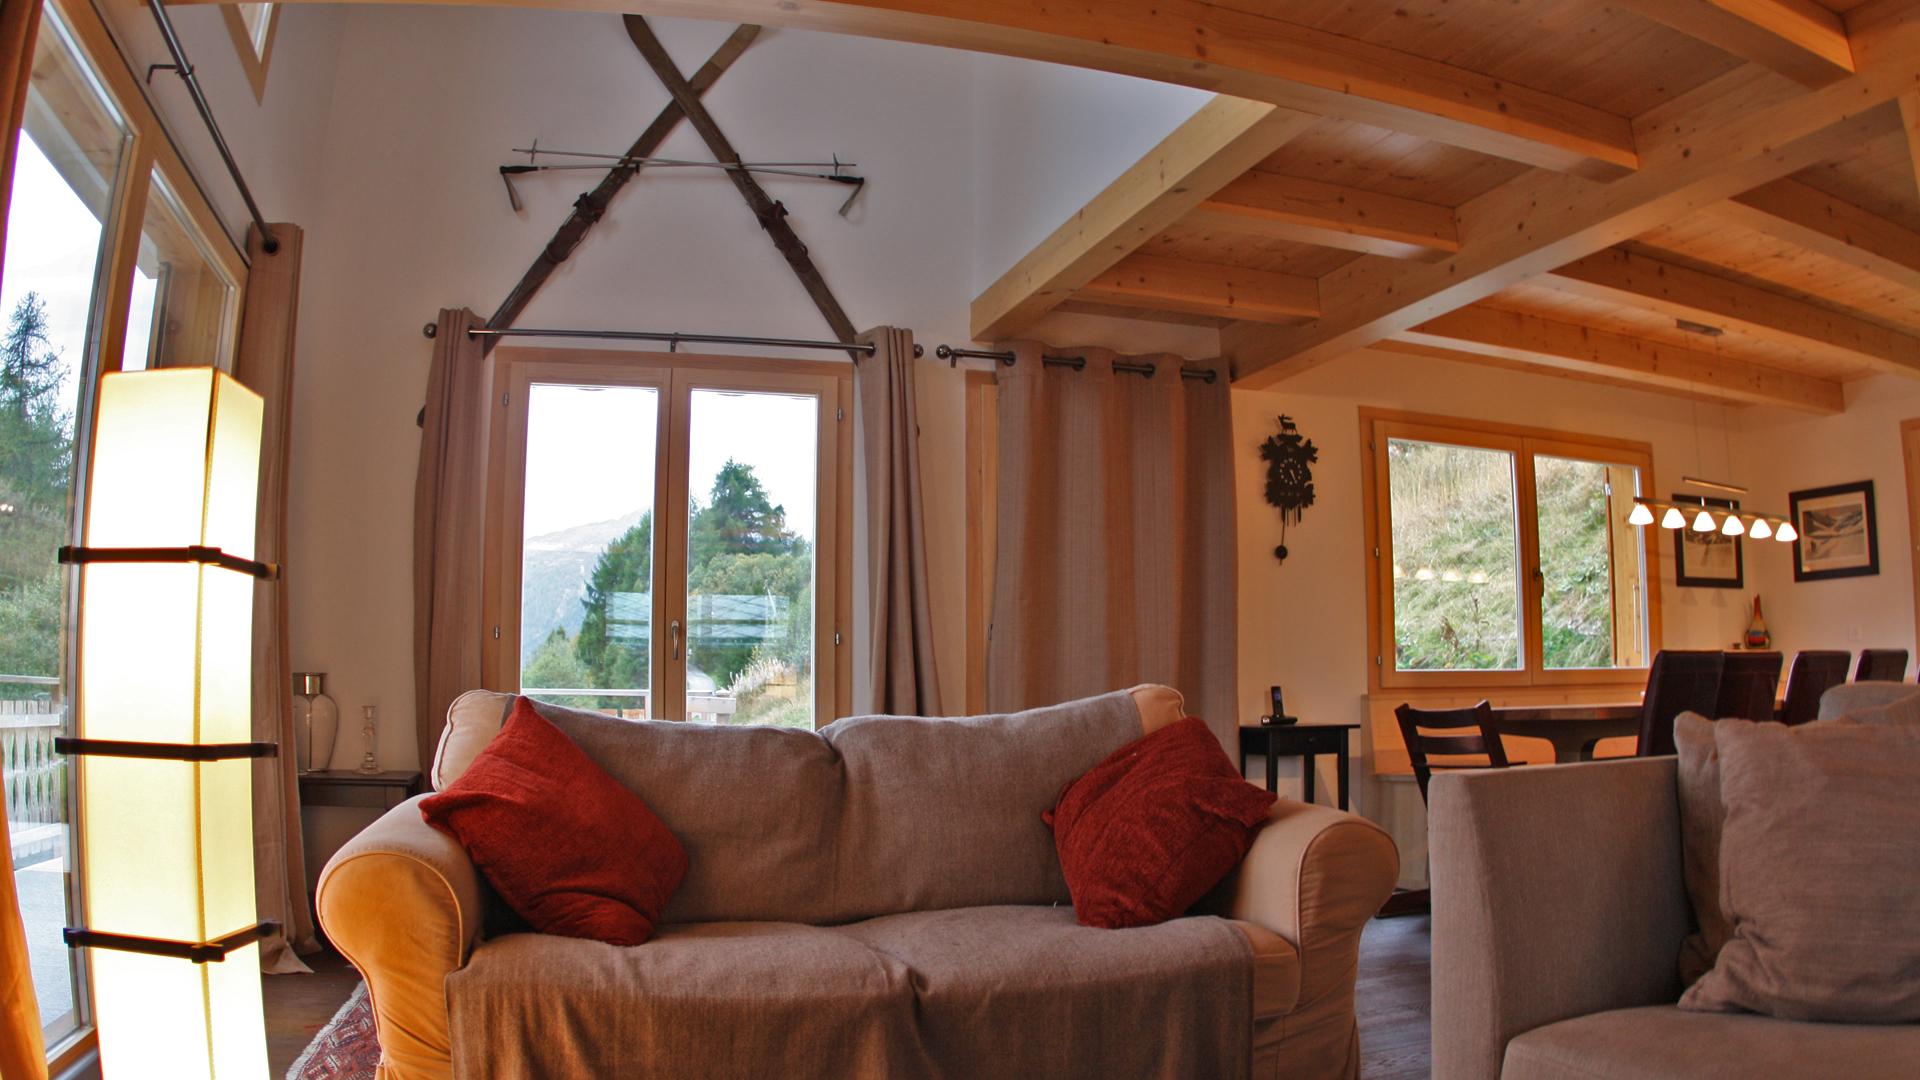 Chalet Dent Blanche Chalet, Switzerland